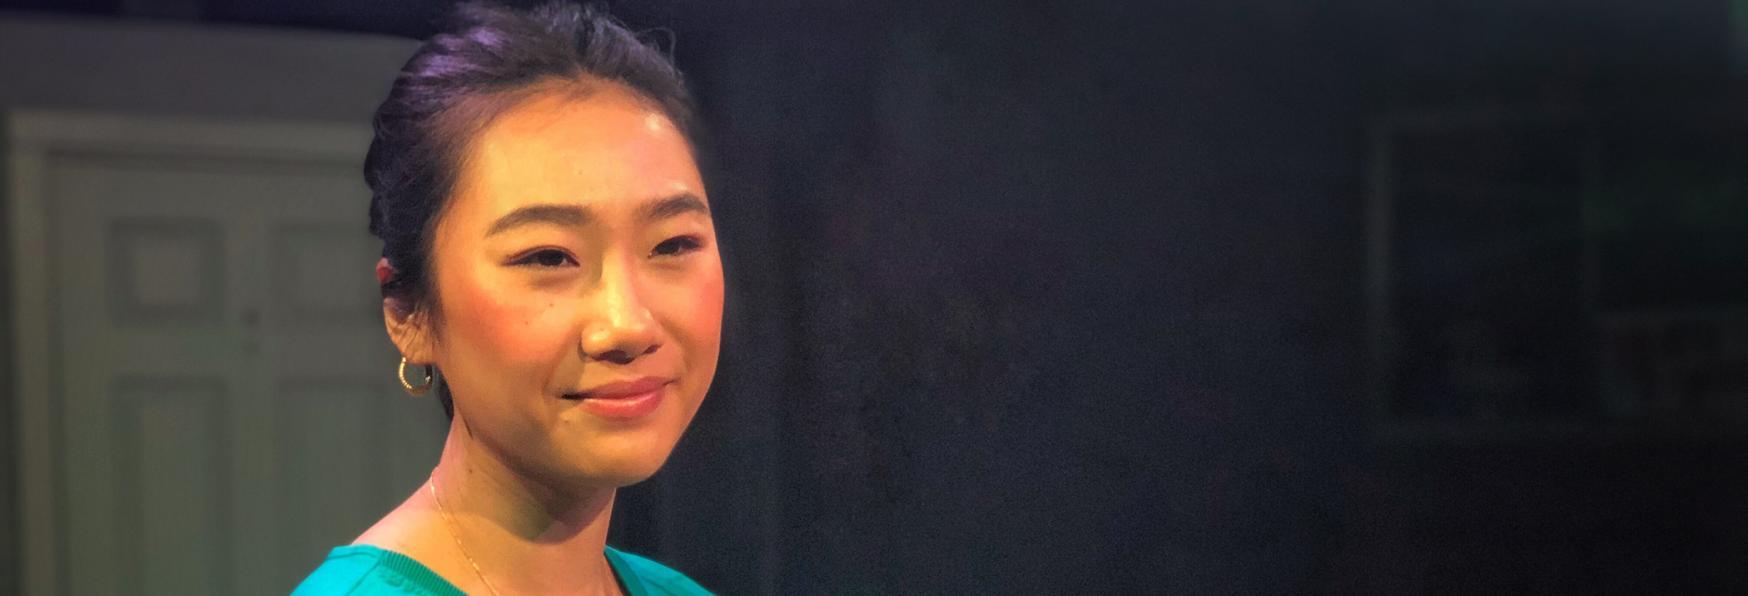 Kung Fu: Olivia Liang Protagonista della nuova Serie TV prodotta da The CW